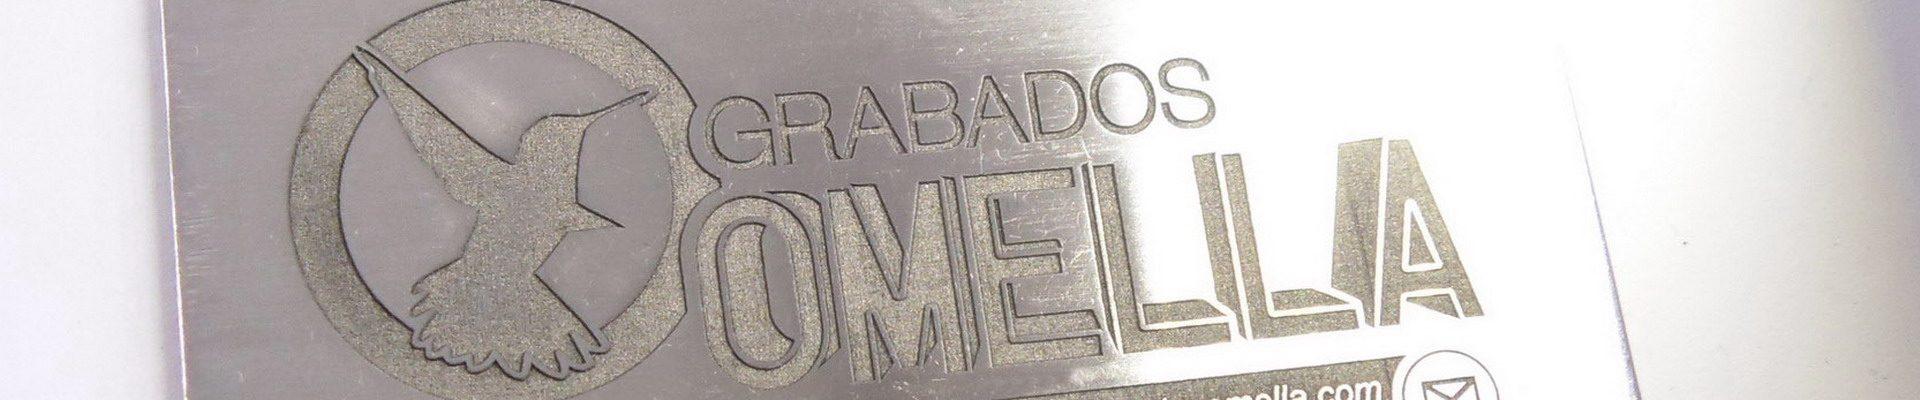 Omella Engravings